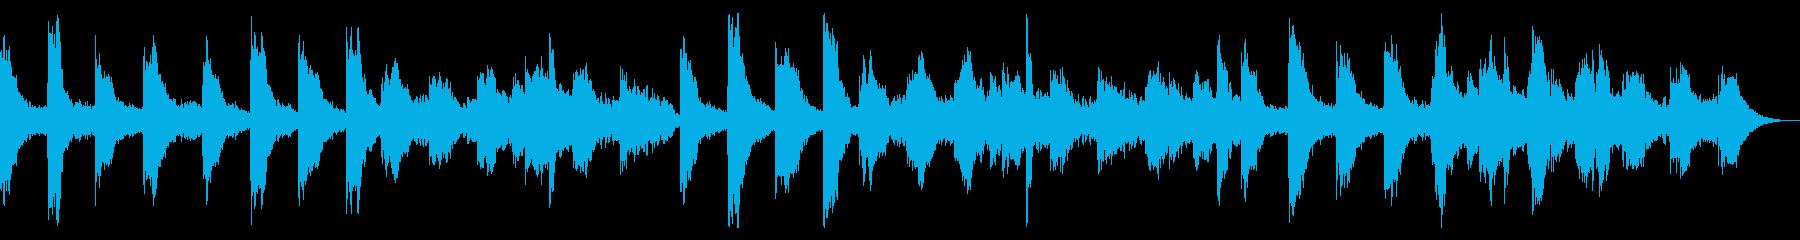 ホラー向けダークアンビエント 怪しい感じの再生済みの波形